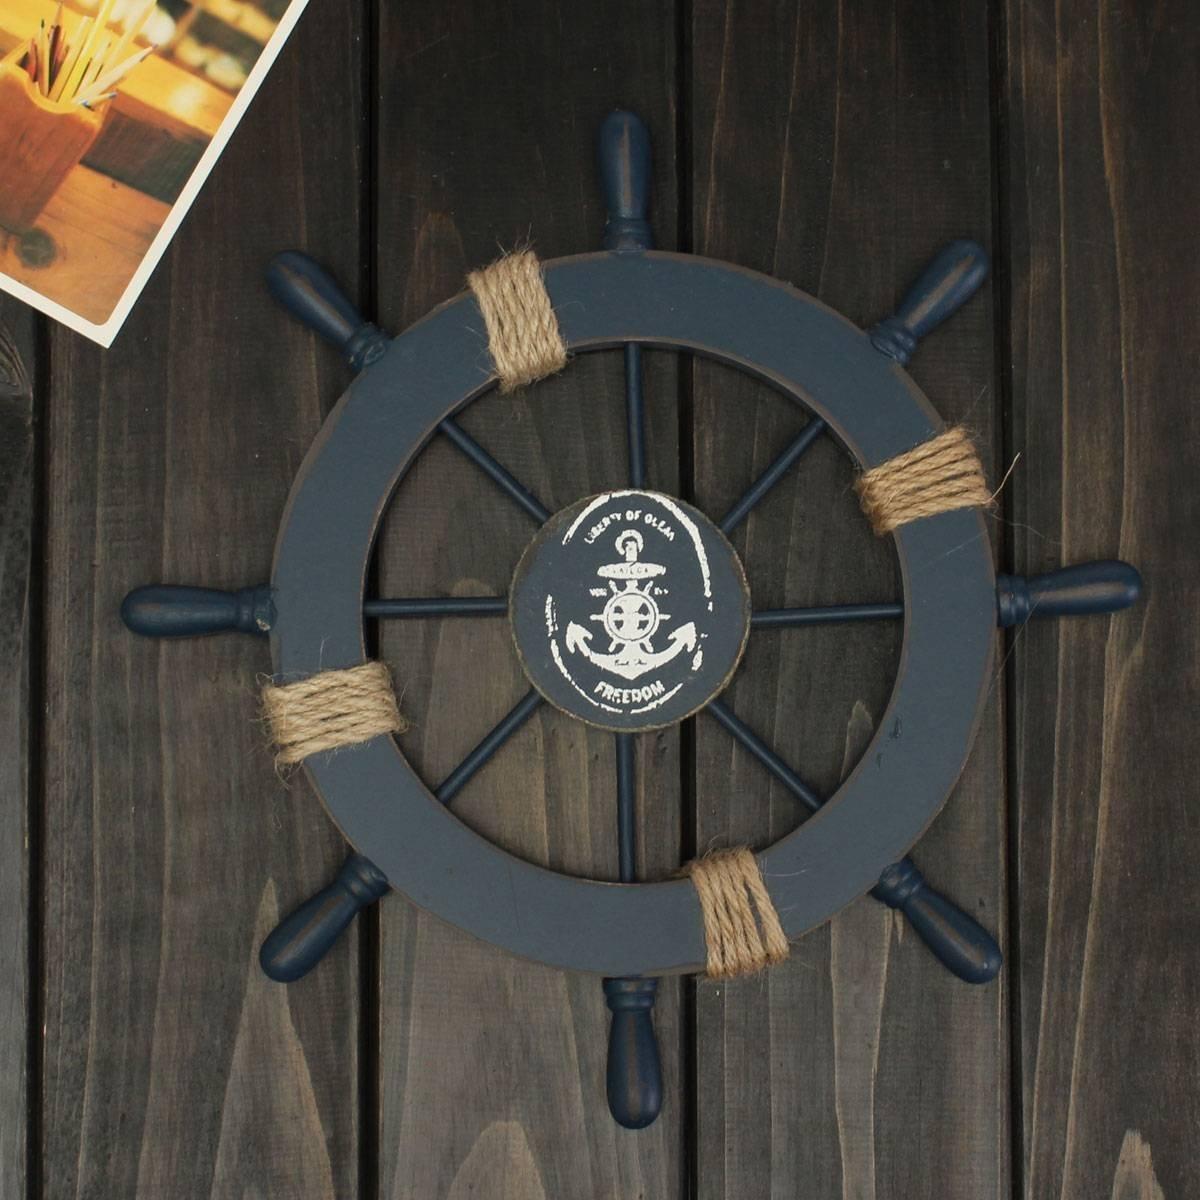 Ultnice D/écoration murale dint/érieur en forme de gouvernail de bateau Style m/éditerran/éen Bois Couleur Bleu marine